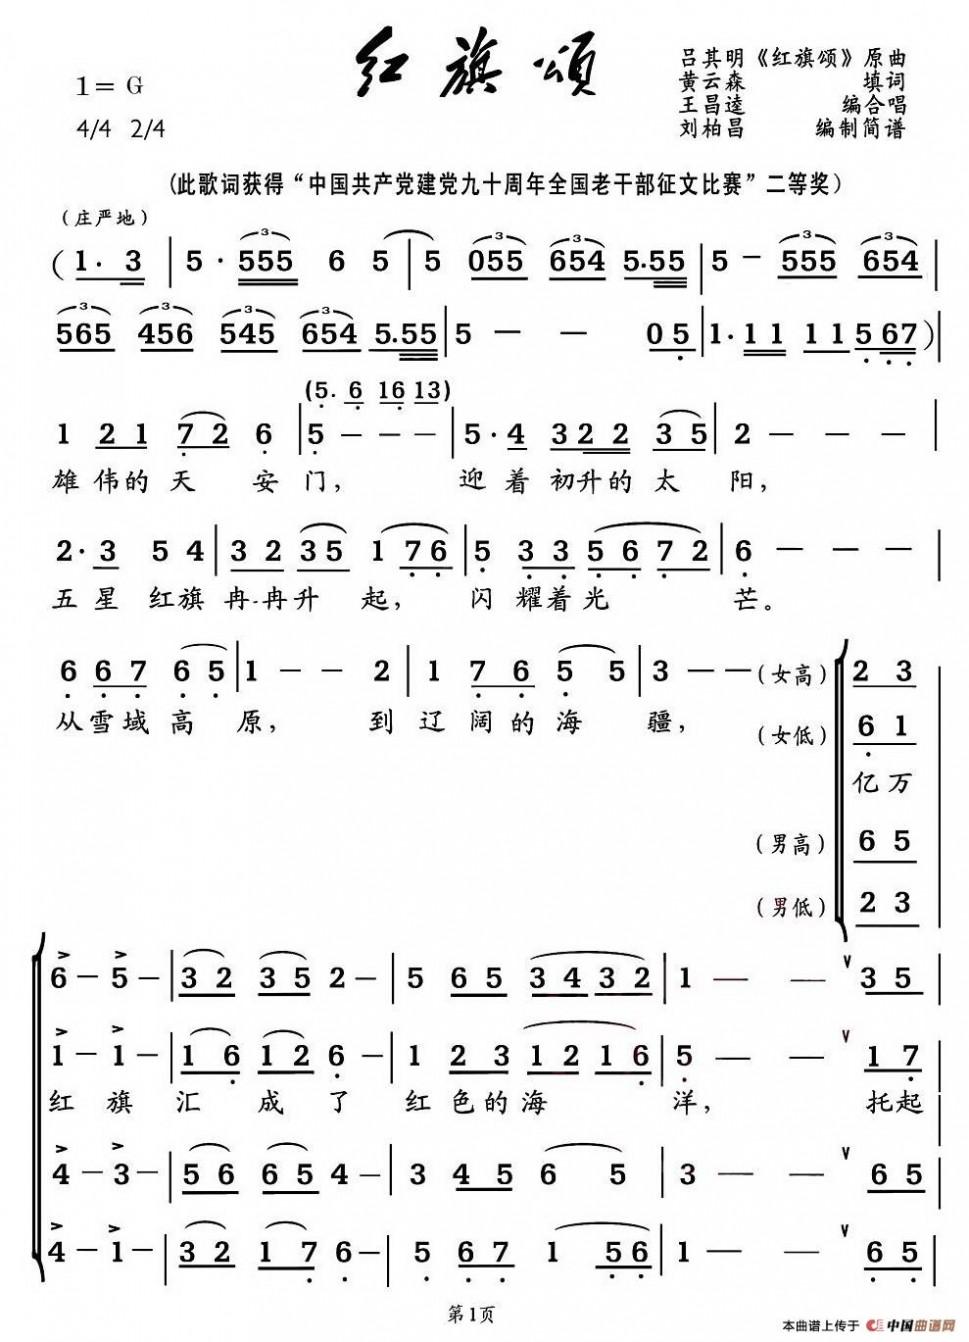 红旗颂合唱谱-红旗颂简谱(王昌逵编合唱版)